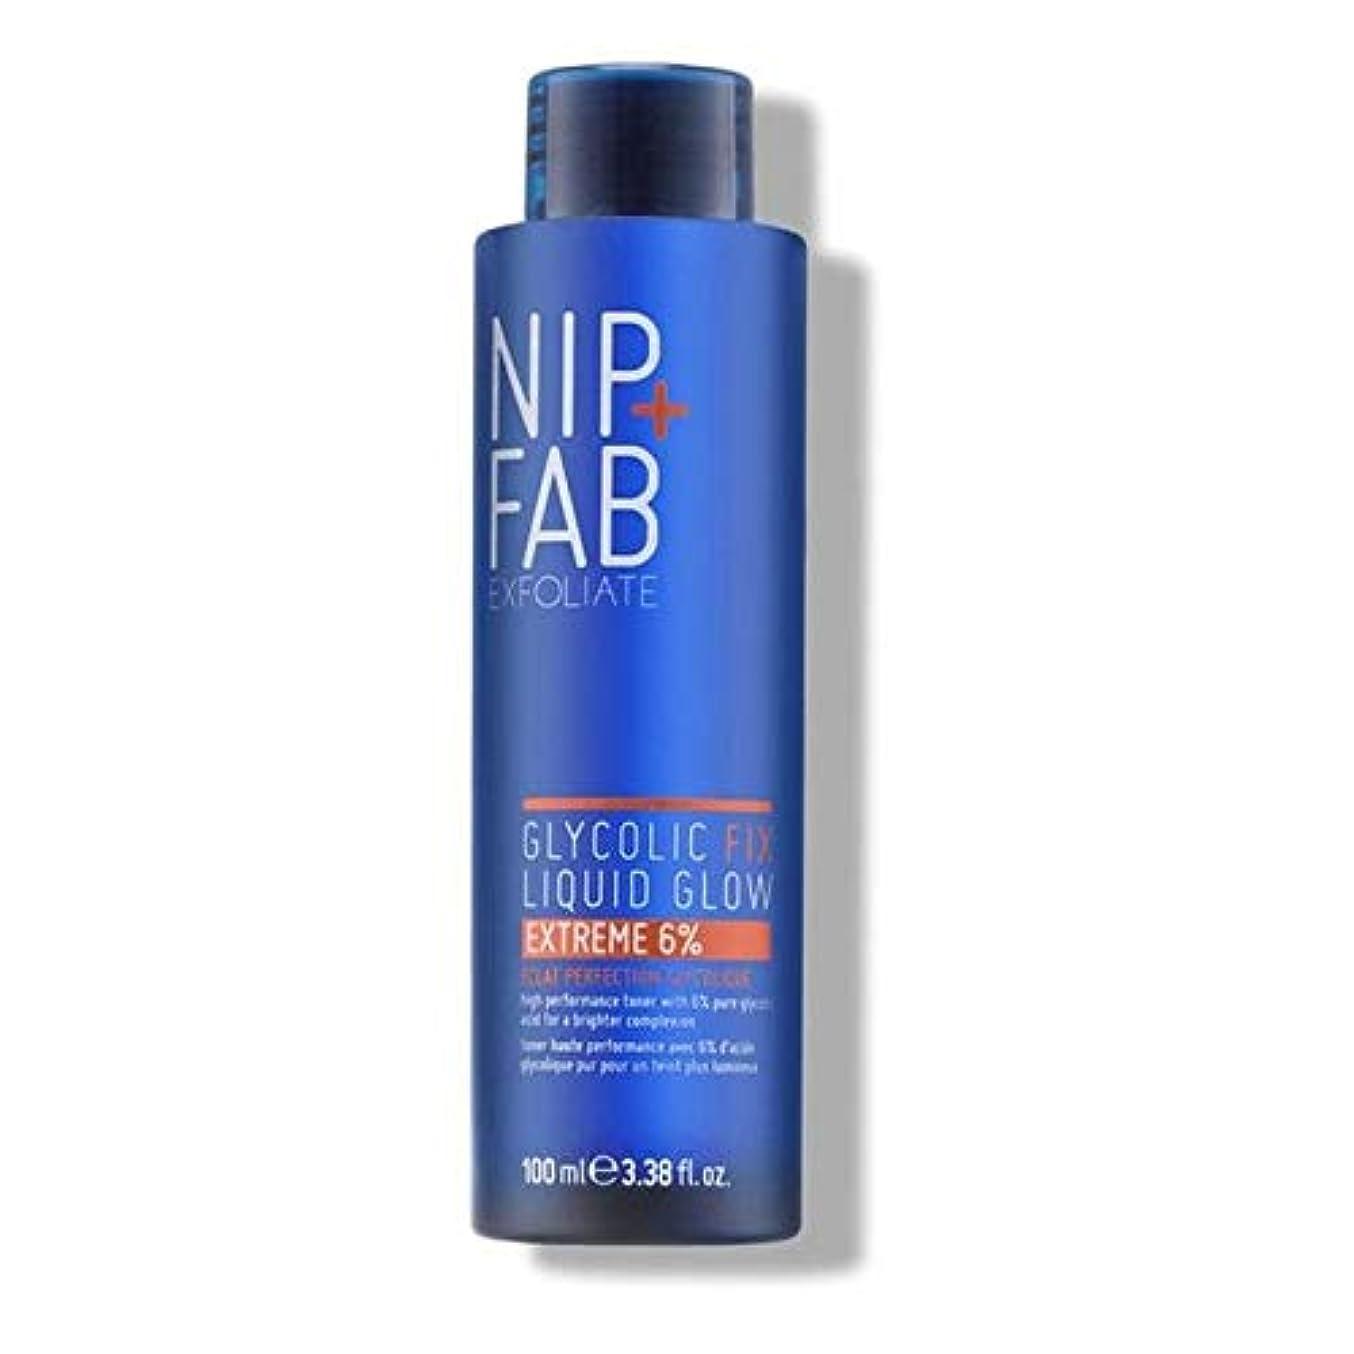 下線ドロップ石膏[Nip & Fab ] + Fabグリコール修正液グロー6%の100ミリリットルニップ - Nip+Fab Glycolic Fix Liquid Glow 6% 100ml [並行輸入品]